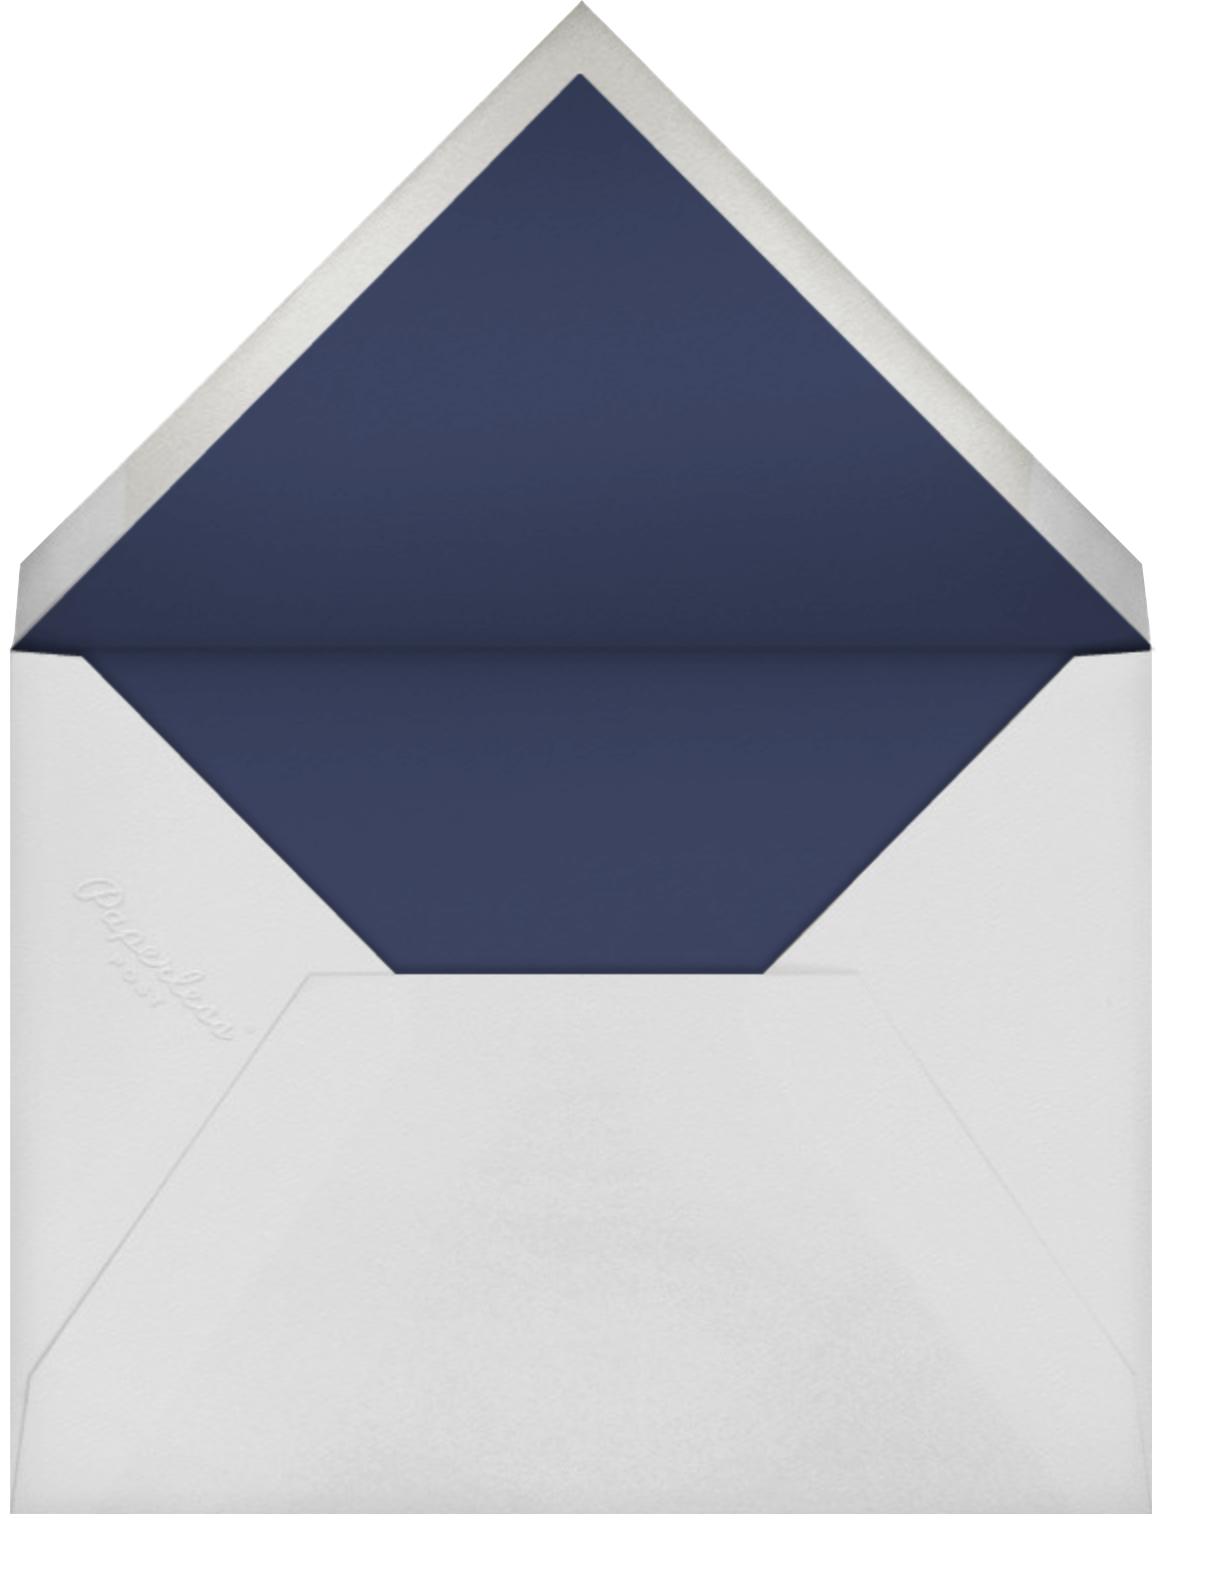 Forsythia - Navy - Crane & Co. - All - envelope back